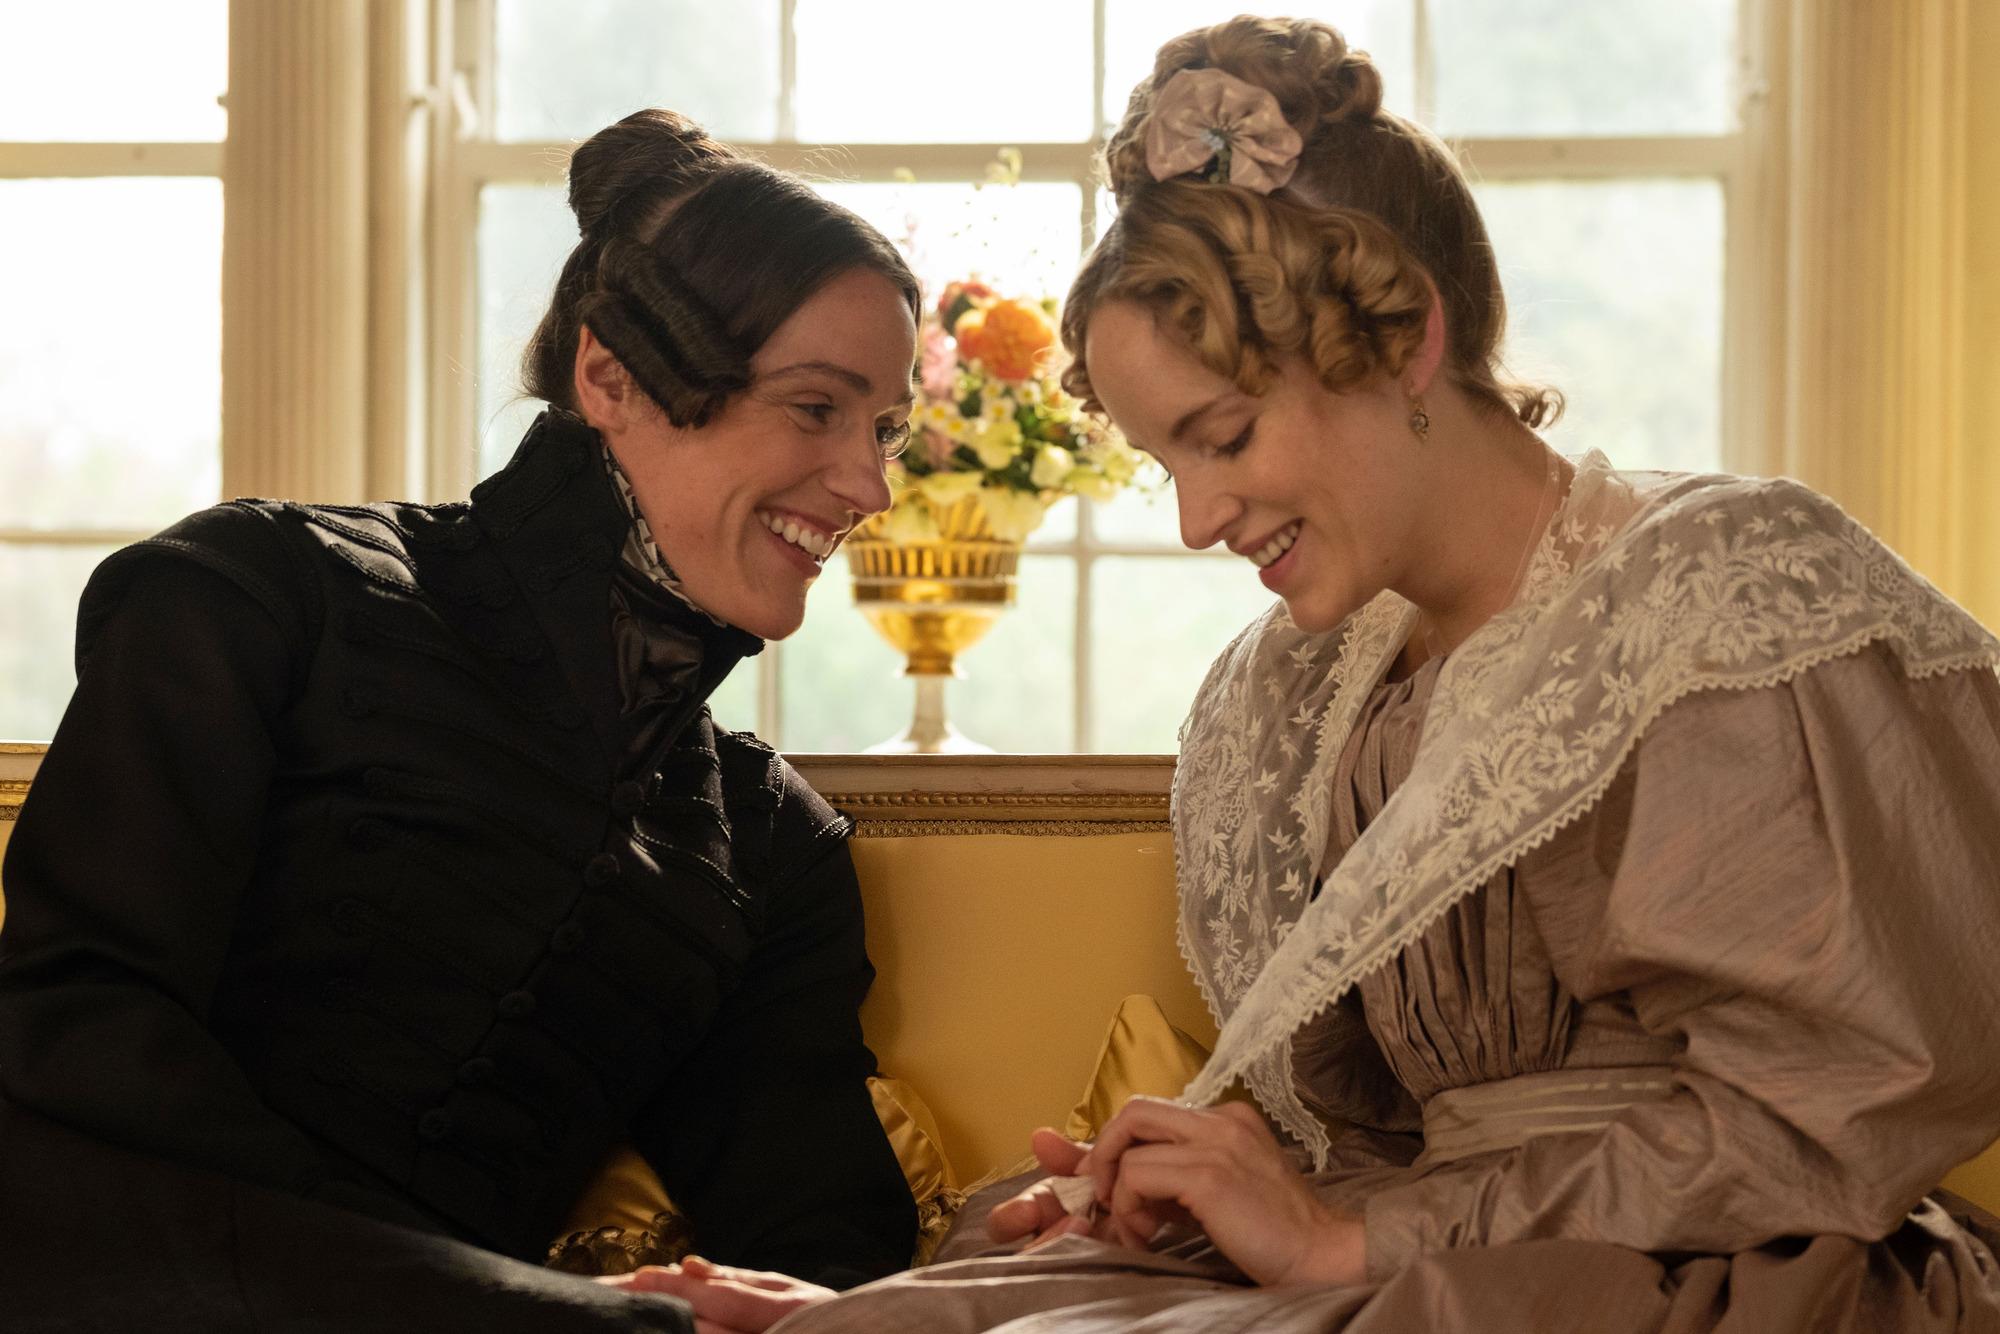 Ex Corrie star Suranne Jones denies BBC drama lesbian scenes are 'gratuitous'